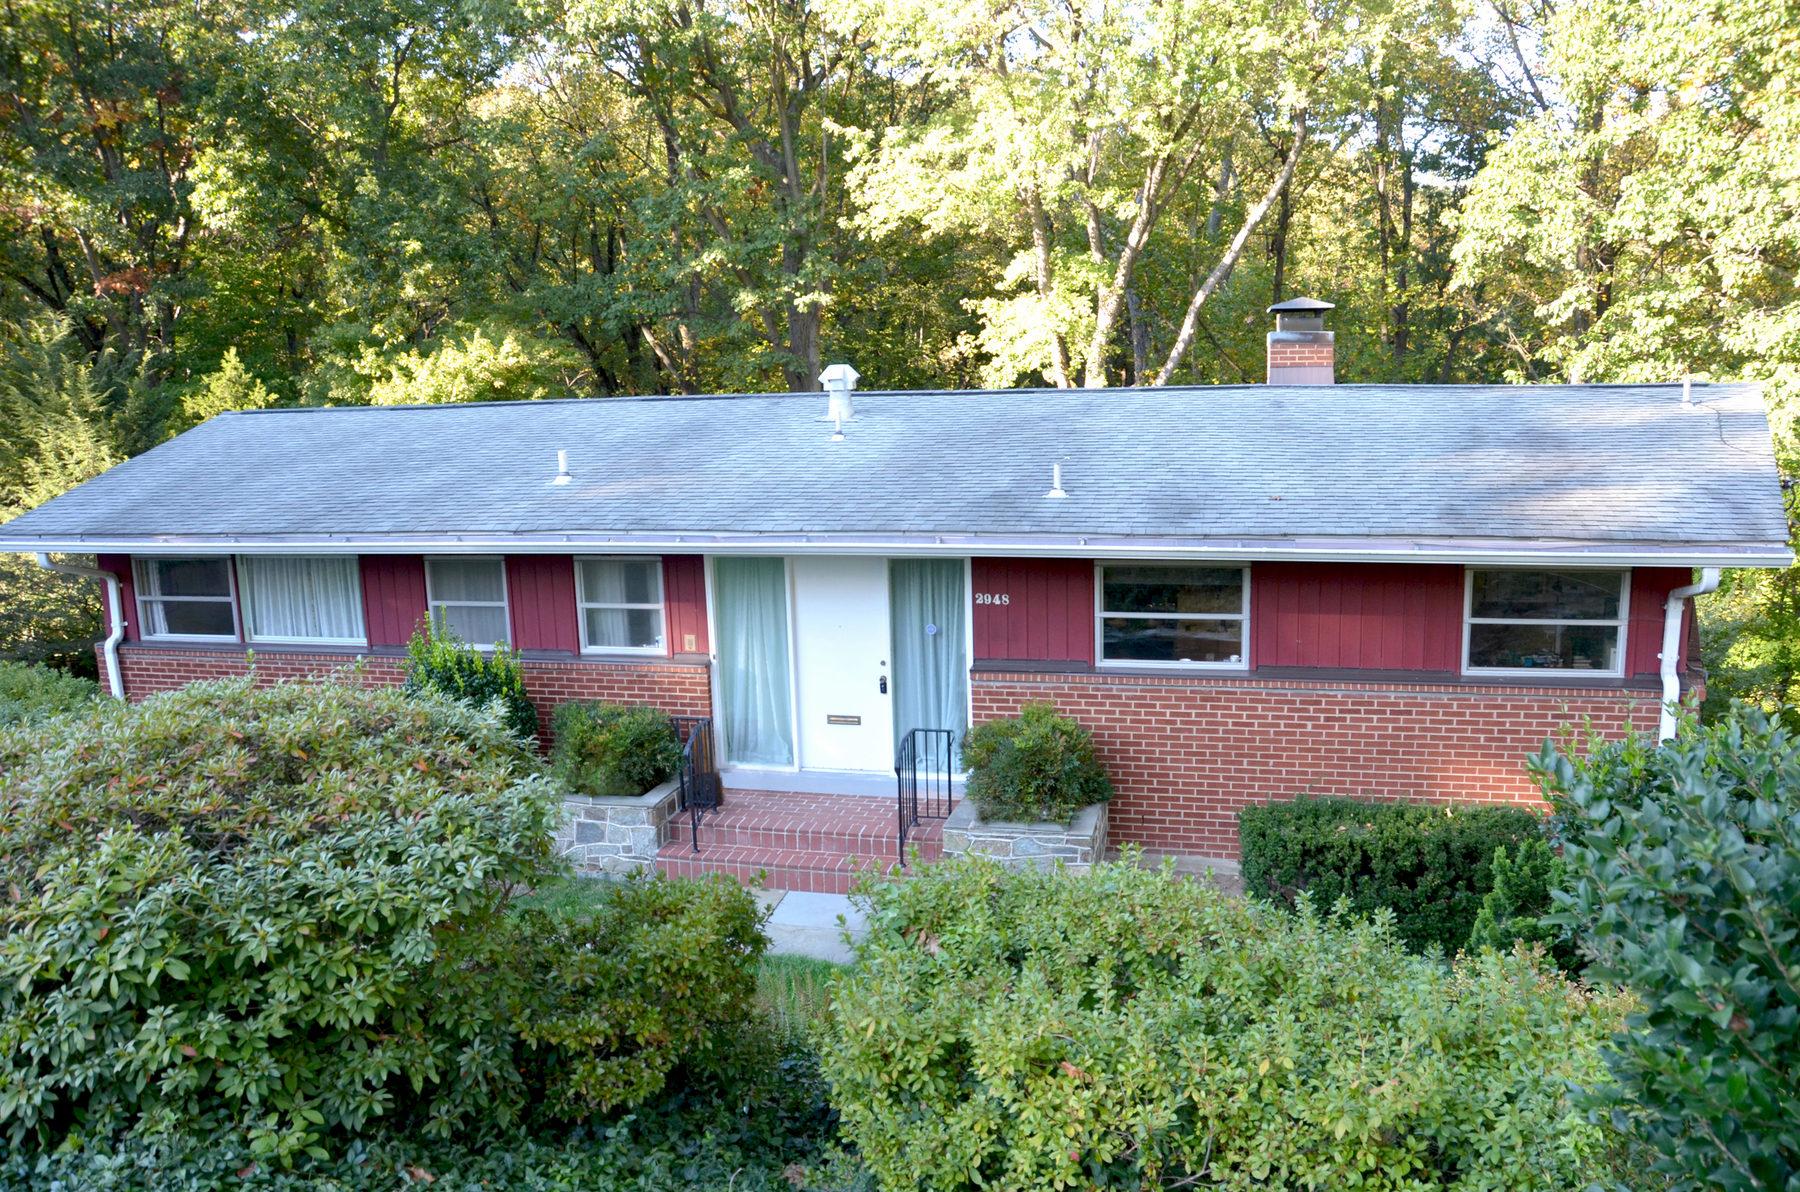 Nhà ở một gia đình vì Bán tại 2948 26th Street N, Arlington Arlington, Virginia 22207 Hoa Kỳ